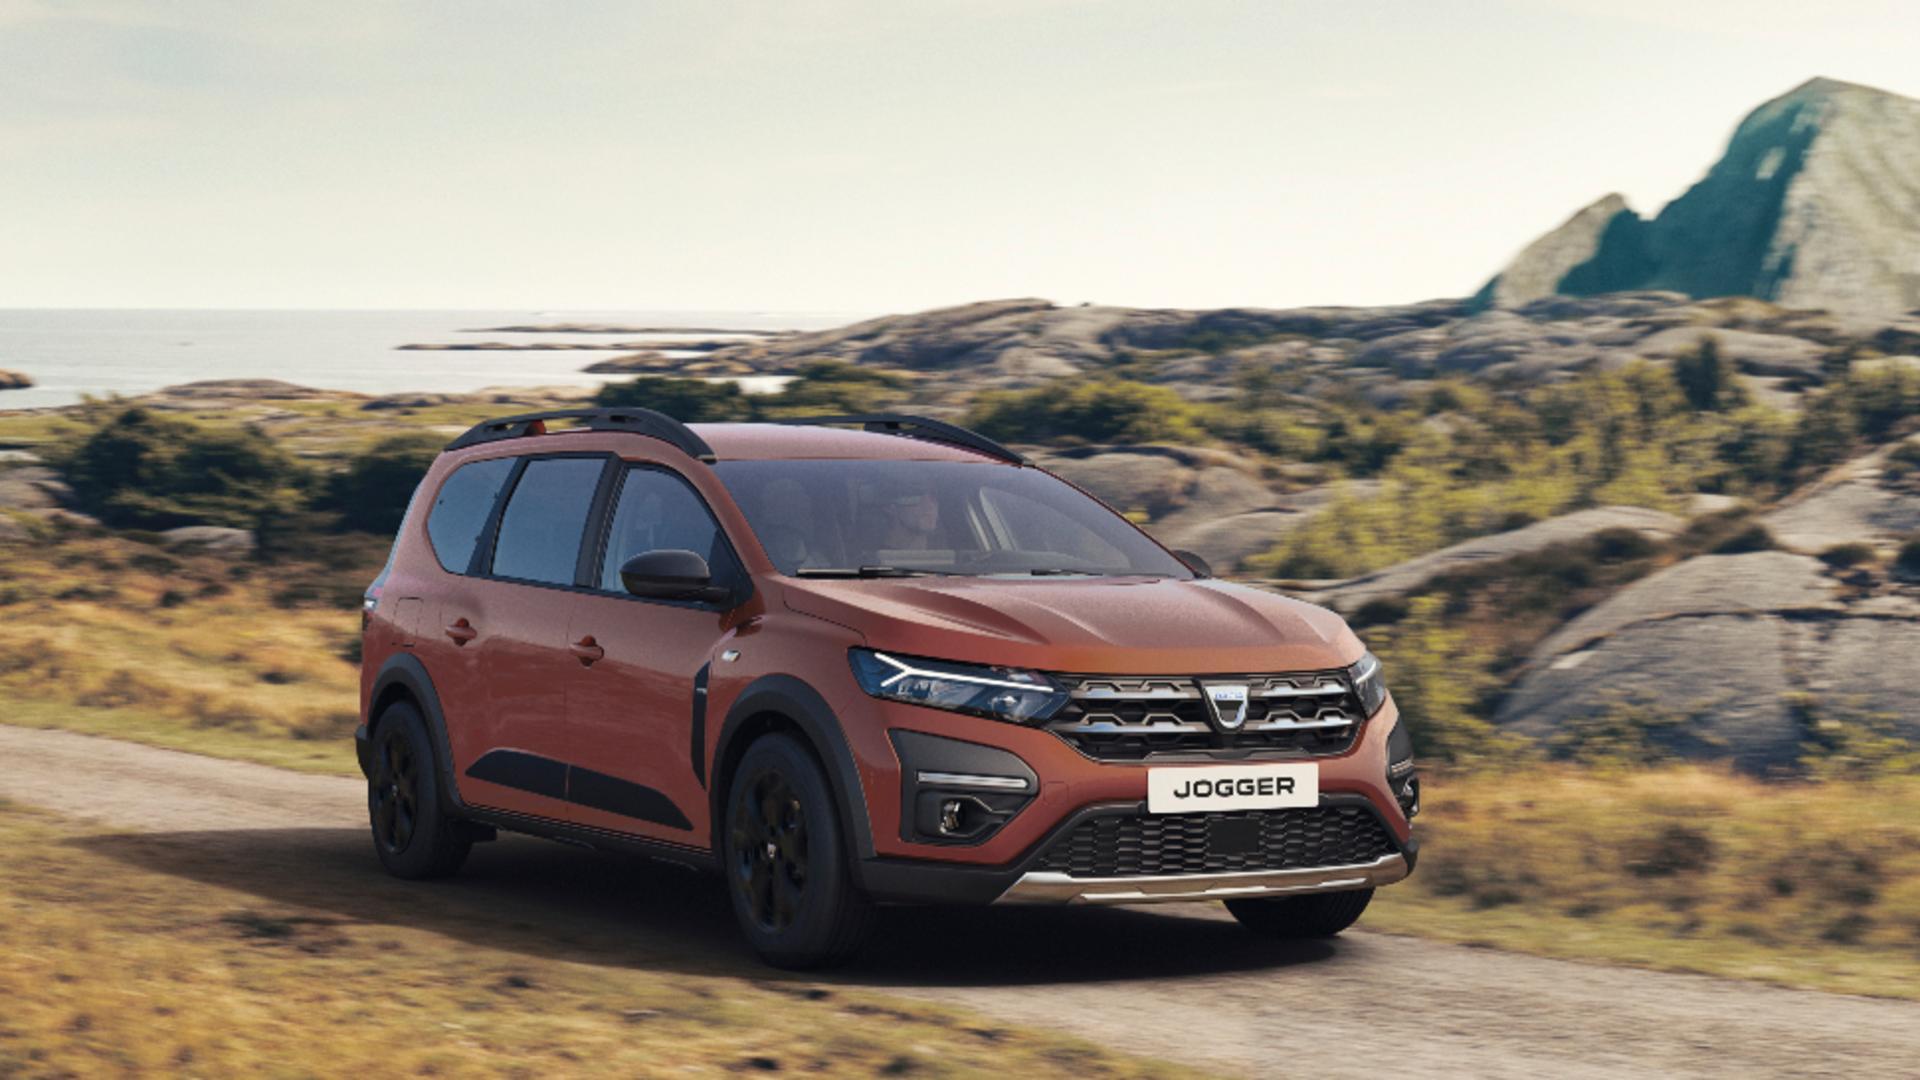 Cum arată noul model hibrid cu 7 locuri produs de Dacia? Prețul de pornire o face cea mai scumpă mașină a companiei